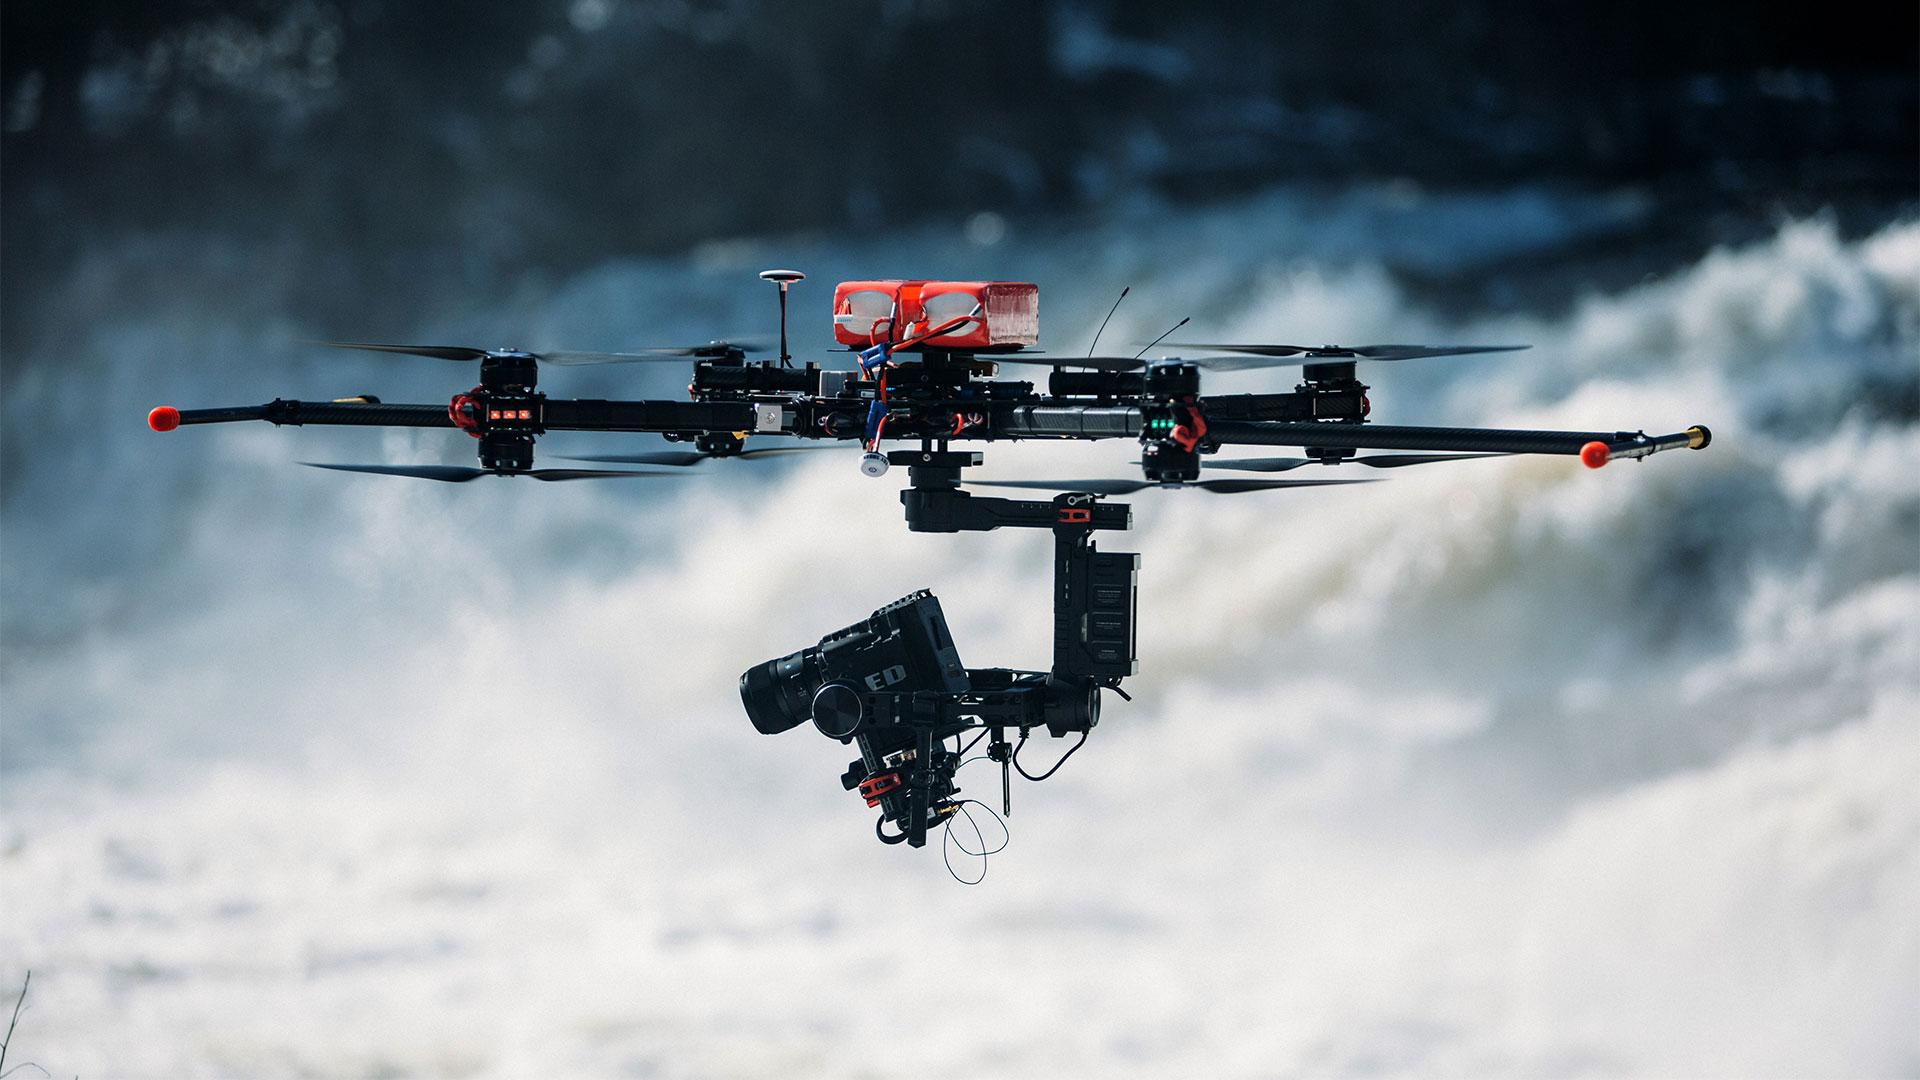 Réglementation de l'utilisation des drones